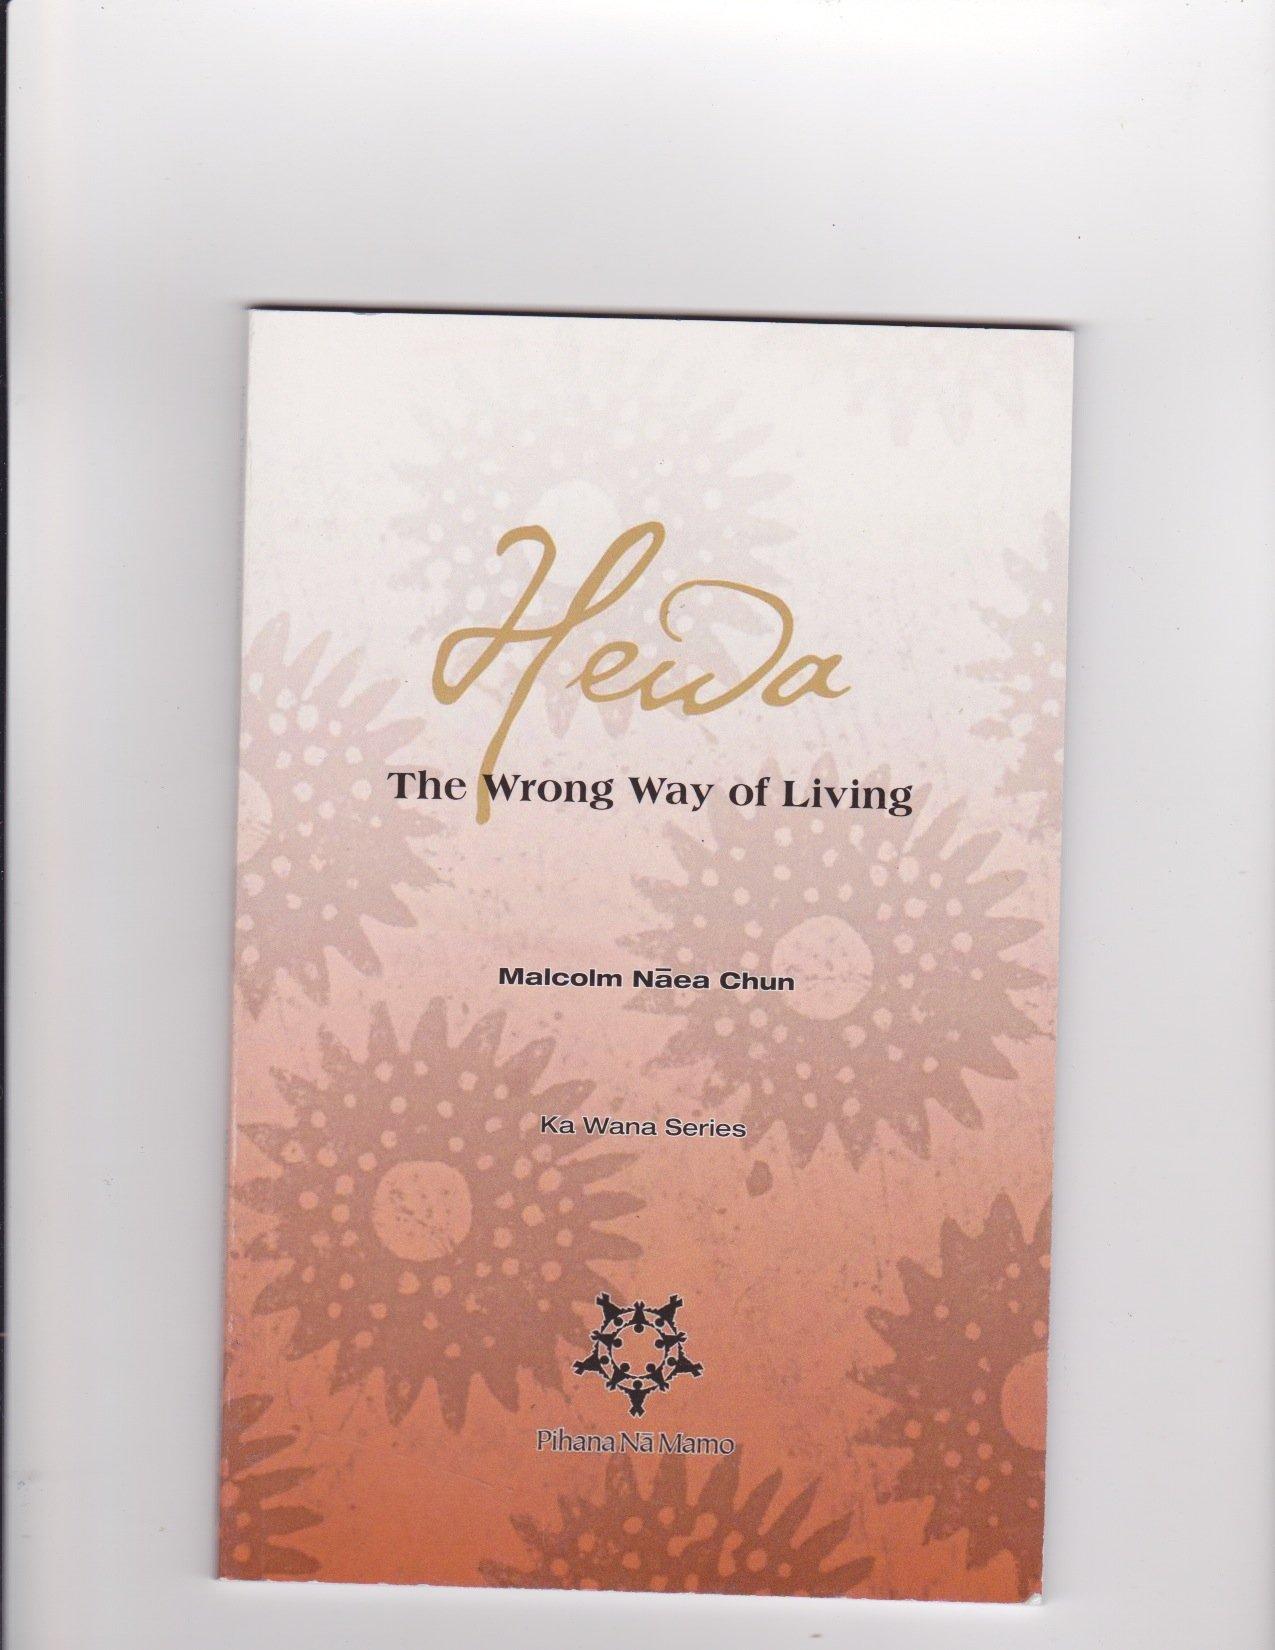 Download Hewa: The Wrong Way of Living (Ka Wana Series) ebook